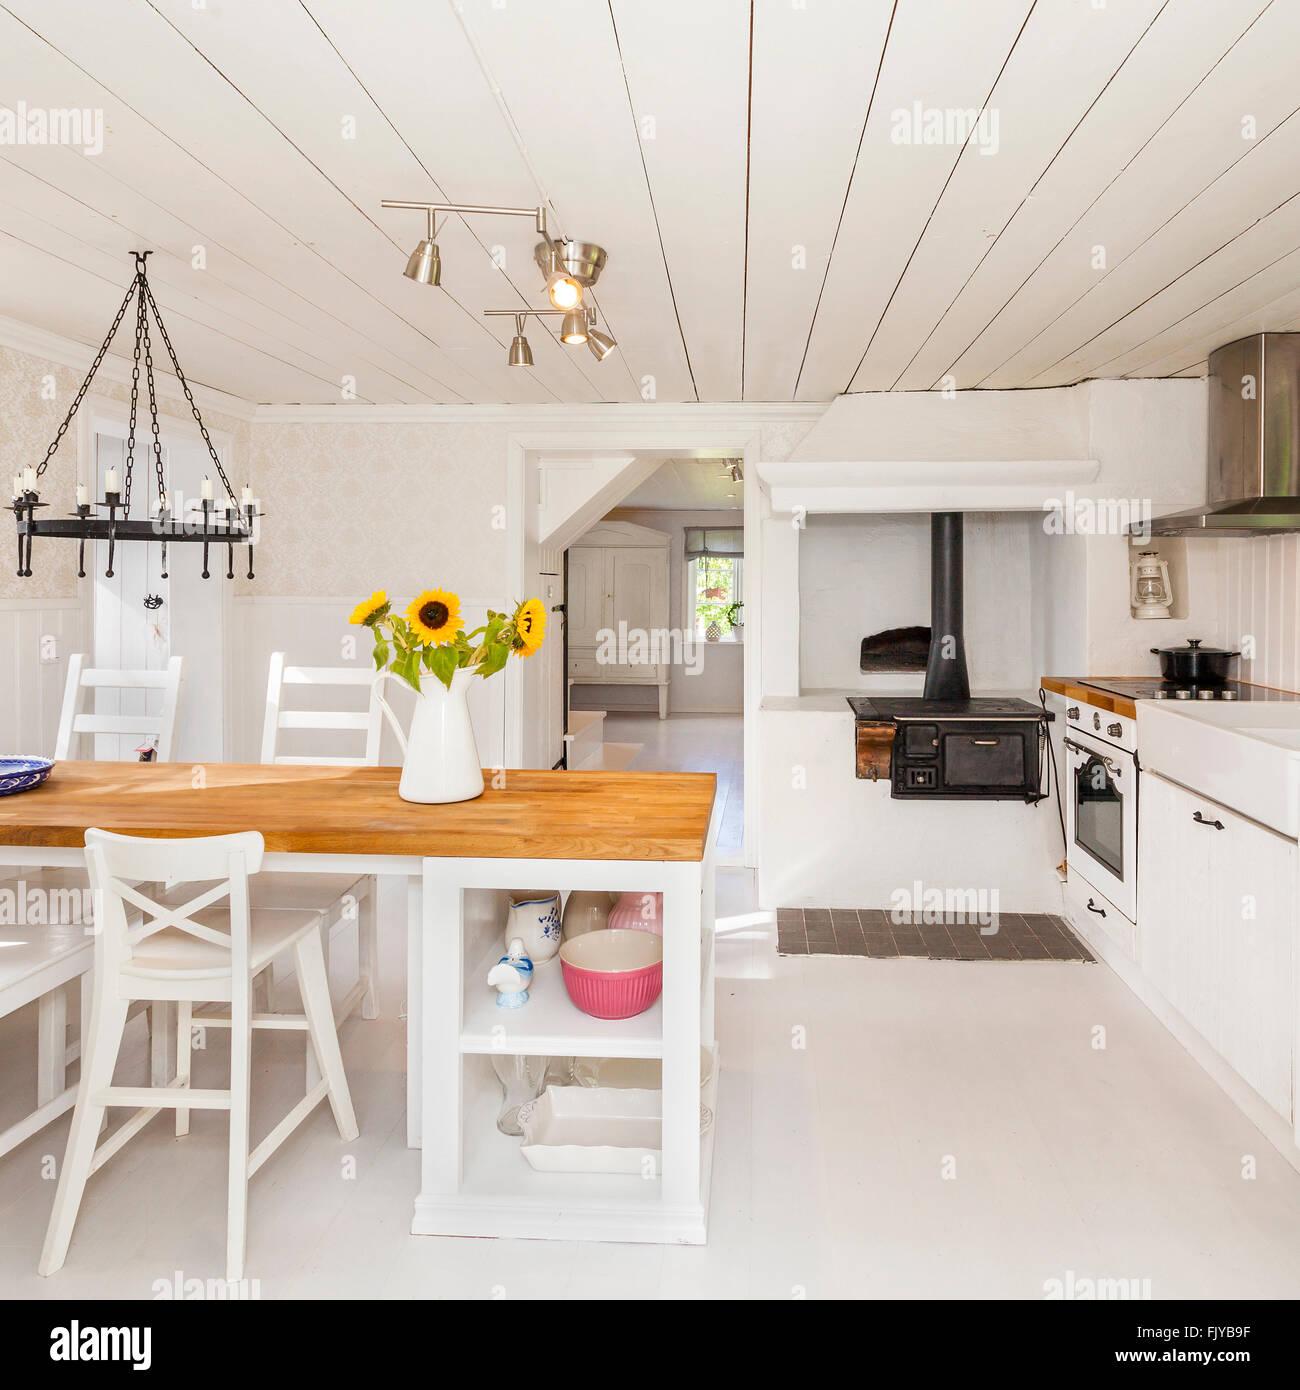 Schwedisches Landhaus Inneneinrichtung